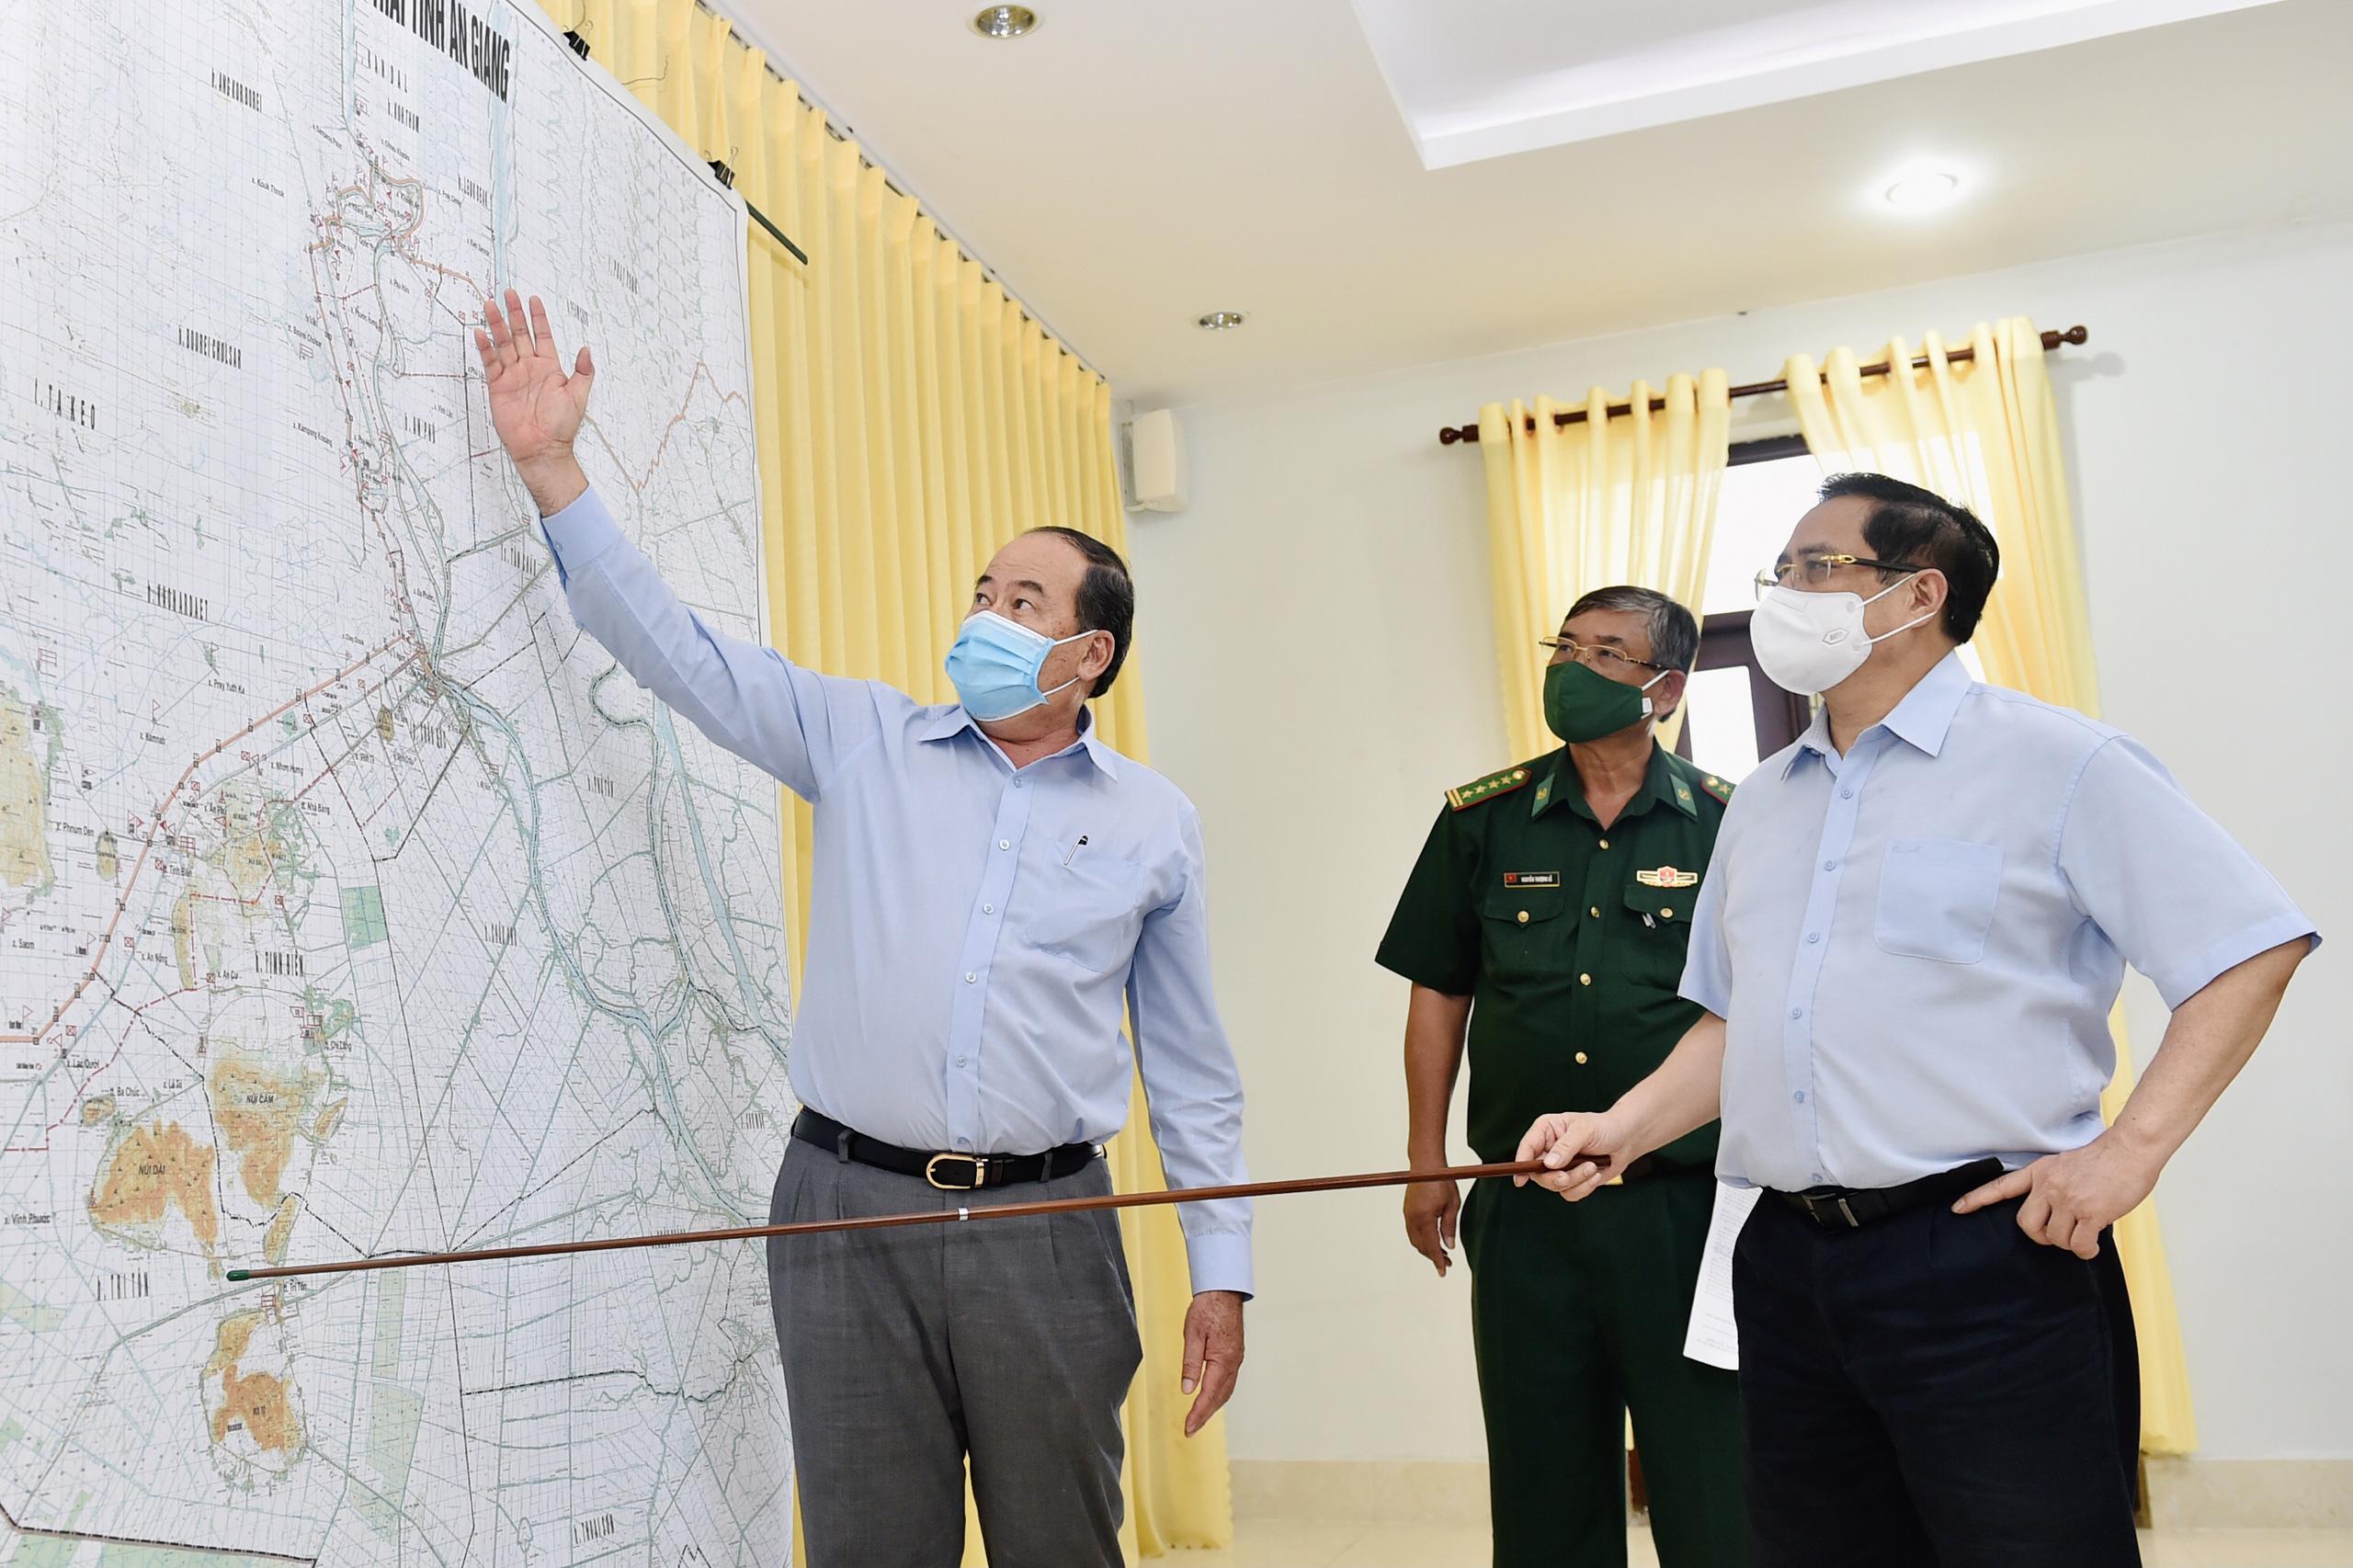 Thủ tướng Phạm Minh Chính: Dứt khoát xử lý người đứng đầu nếu để xảy ra dịch bệnh, trì trệ sản xuất do chủ quan - Ảnh 1.